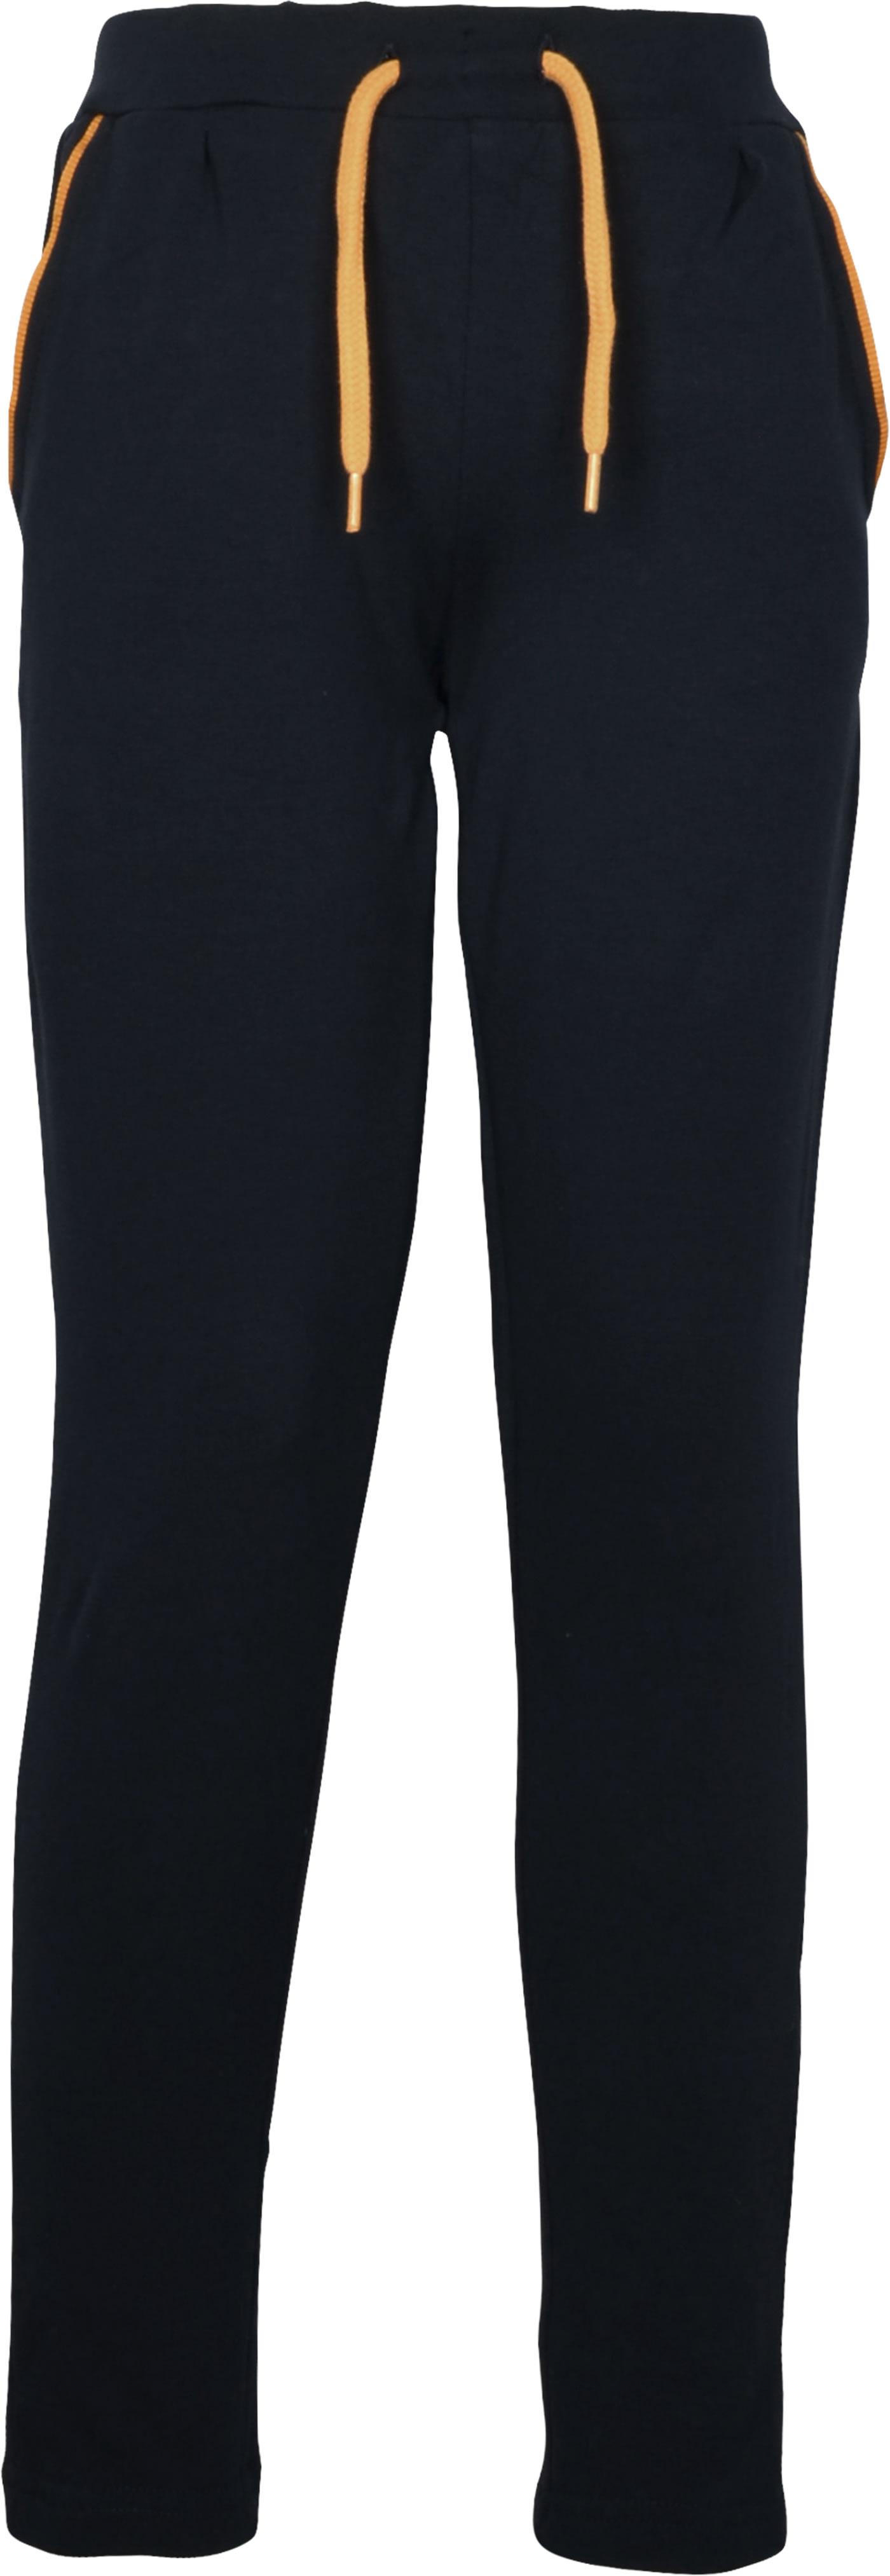 BELLYBUTTON Jogginghose Jogger Sweatpants Sweathose blau 74